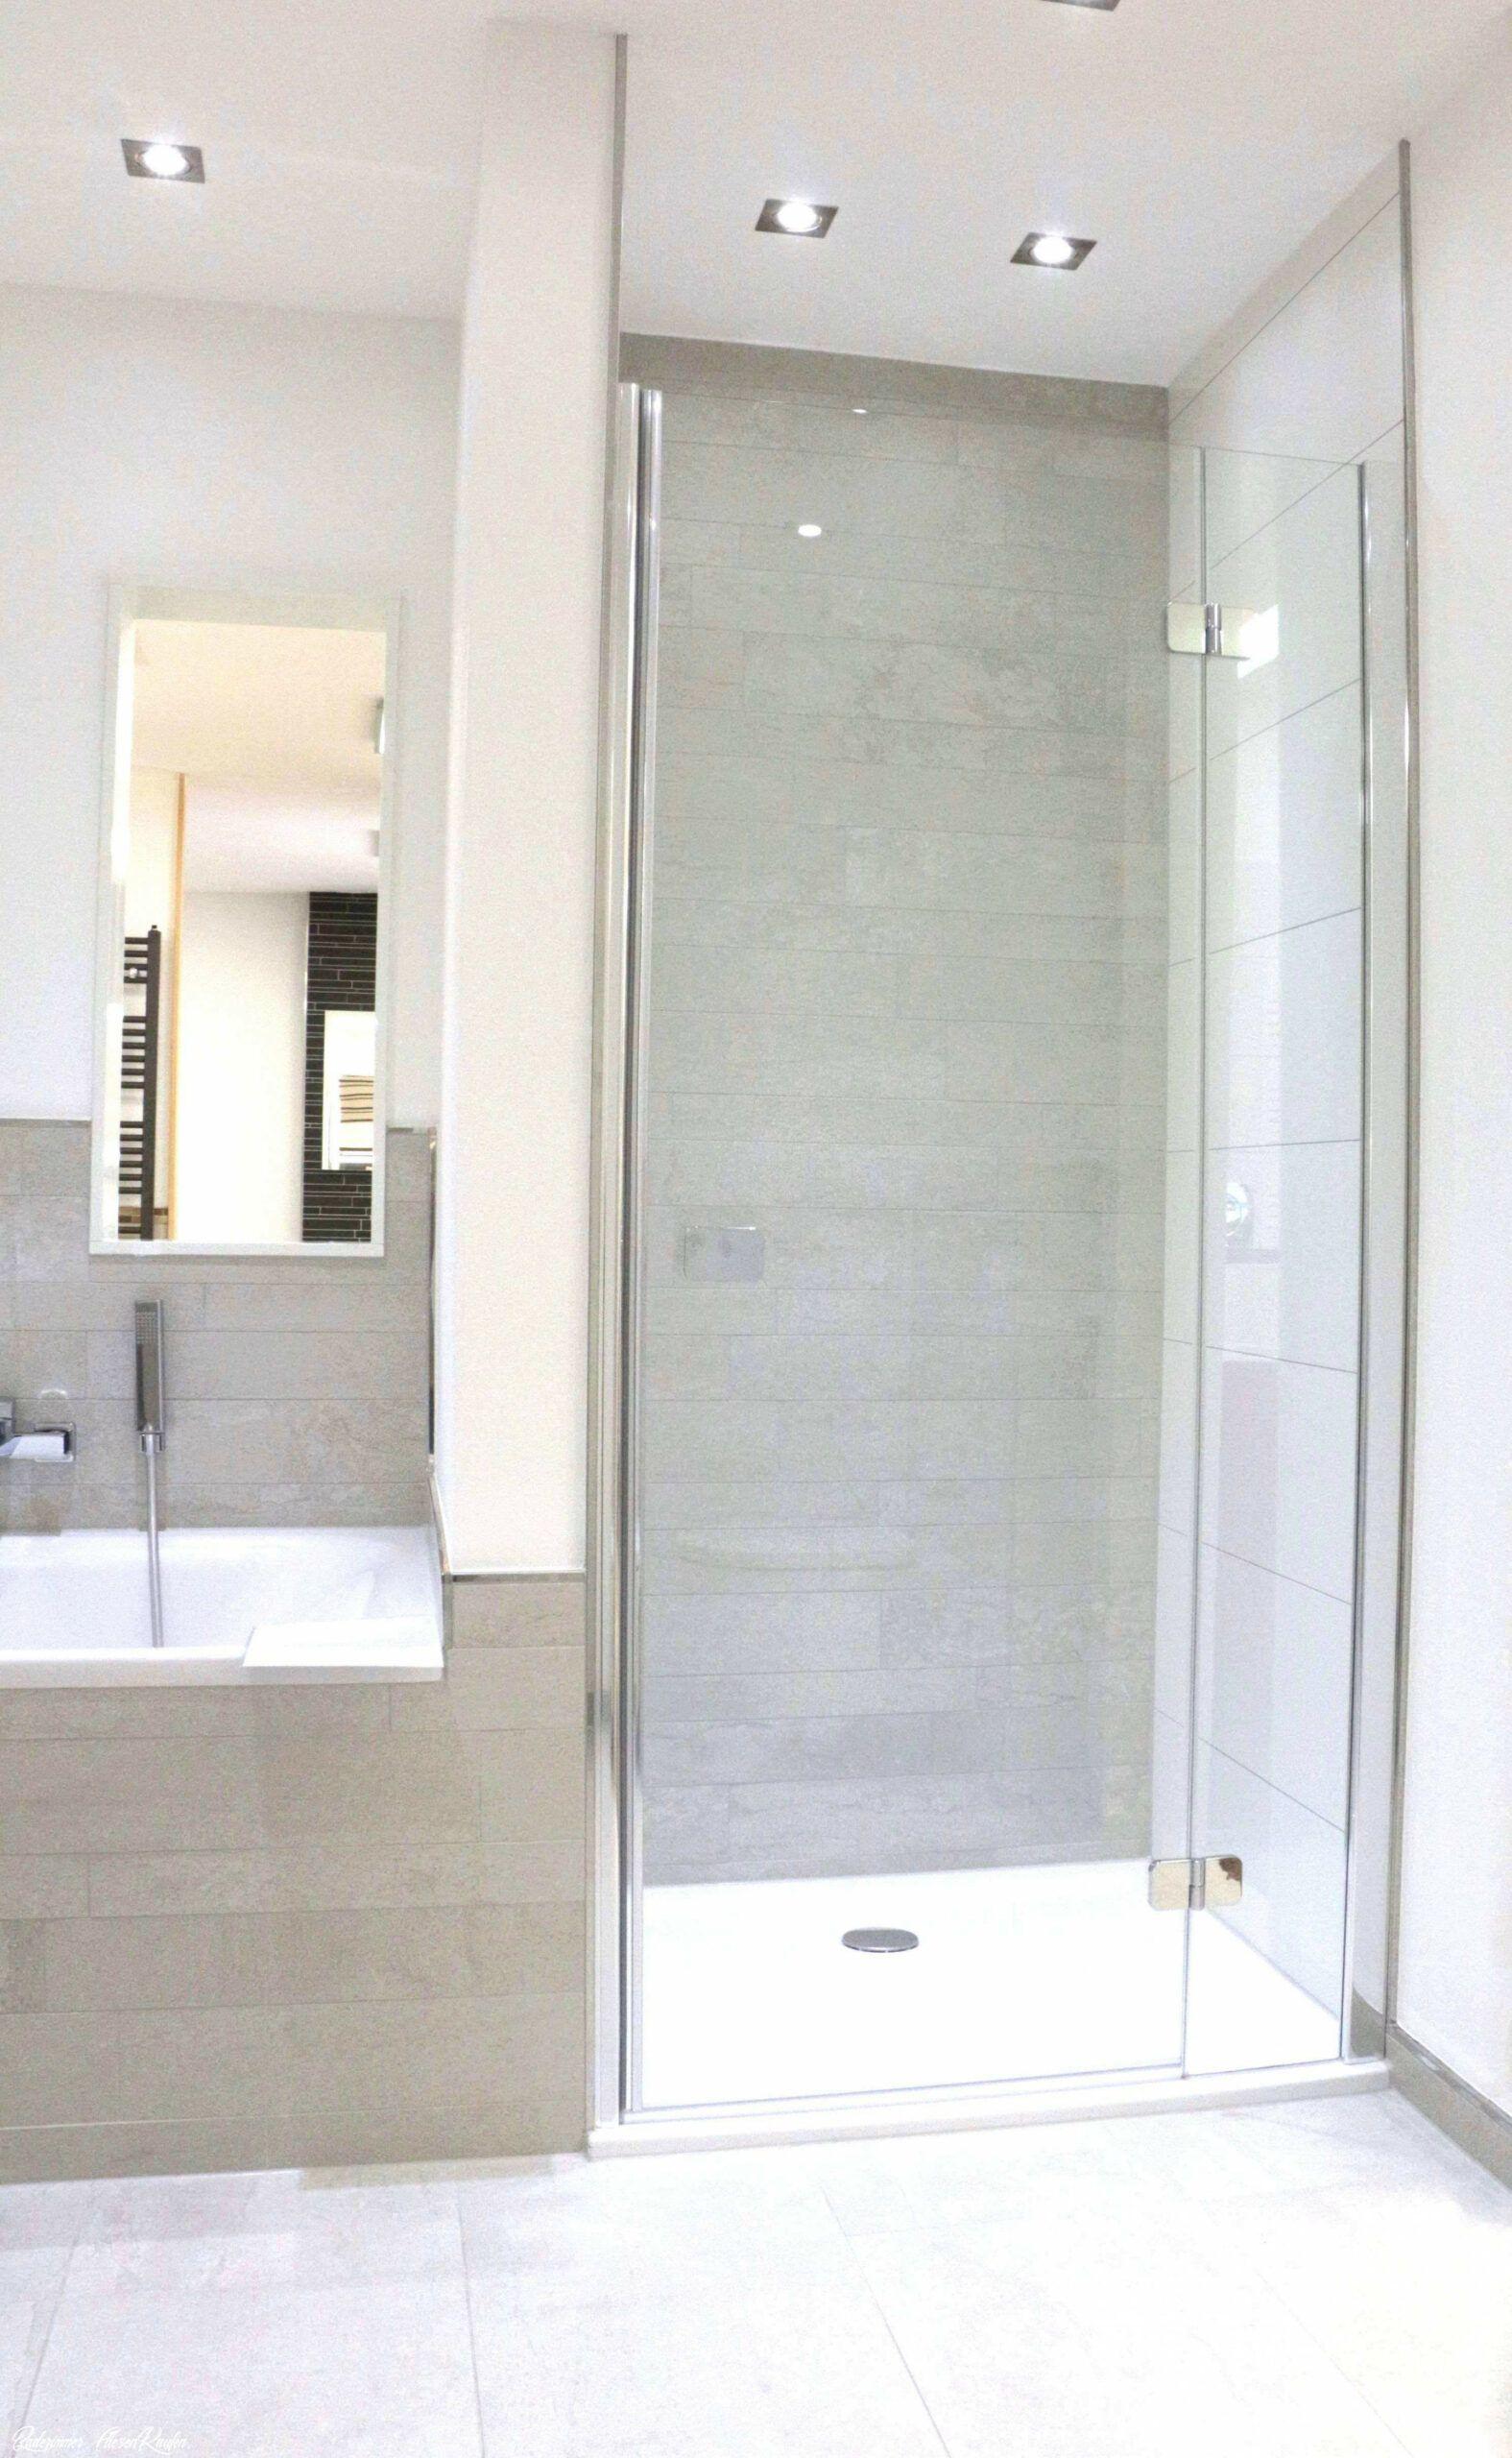 42 Arbeits Fliesen Kaufen In 2020 House Design Home Decor Decor